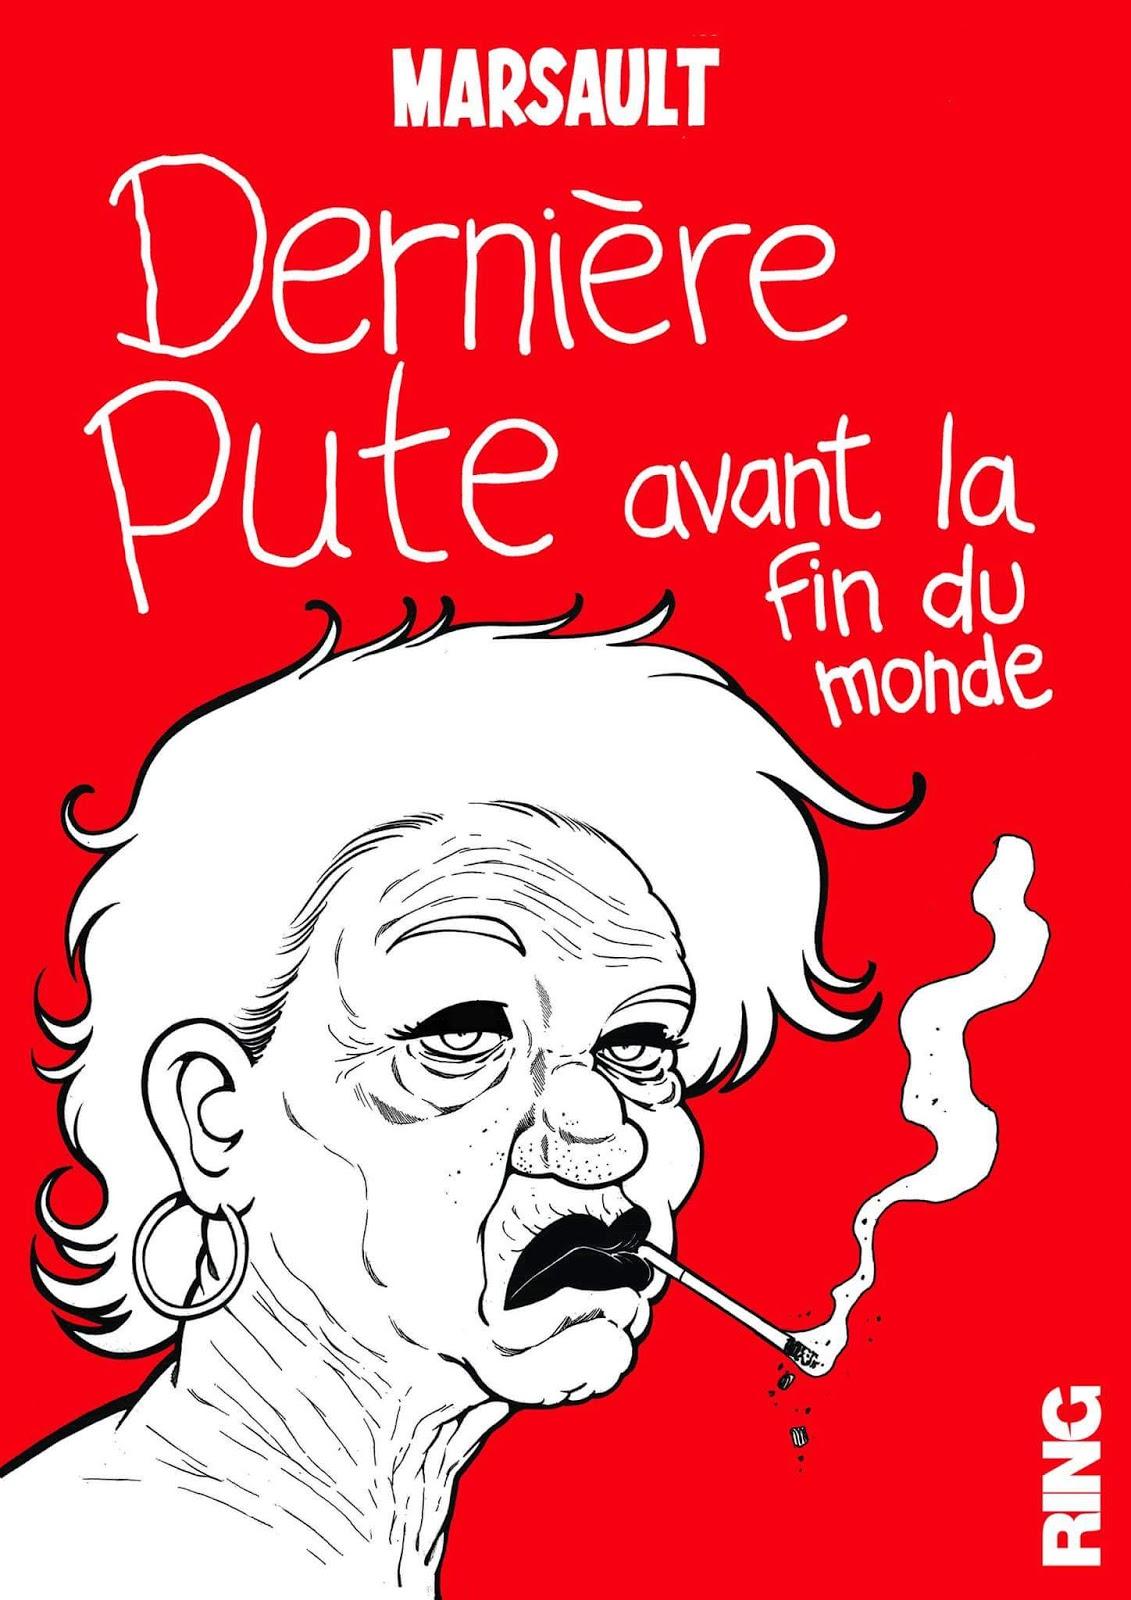 Marsault dessin